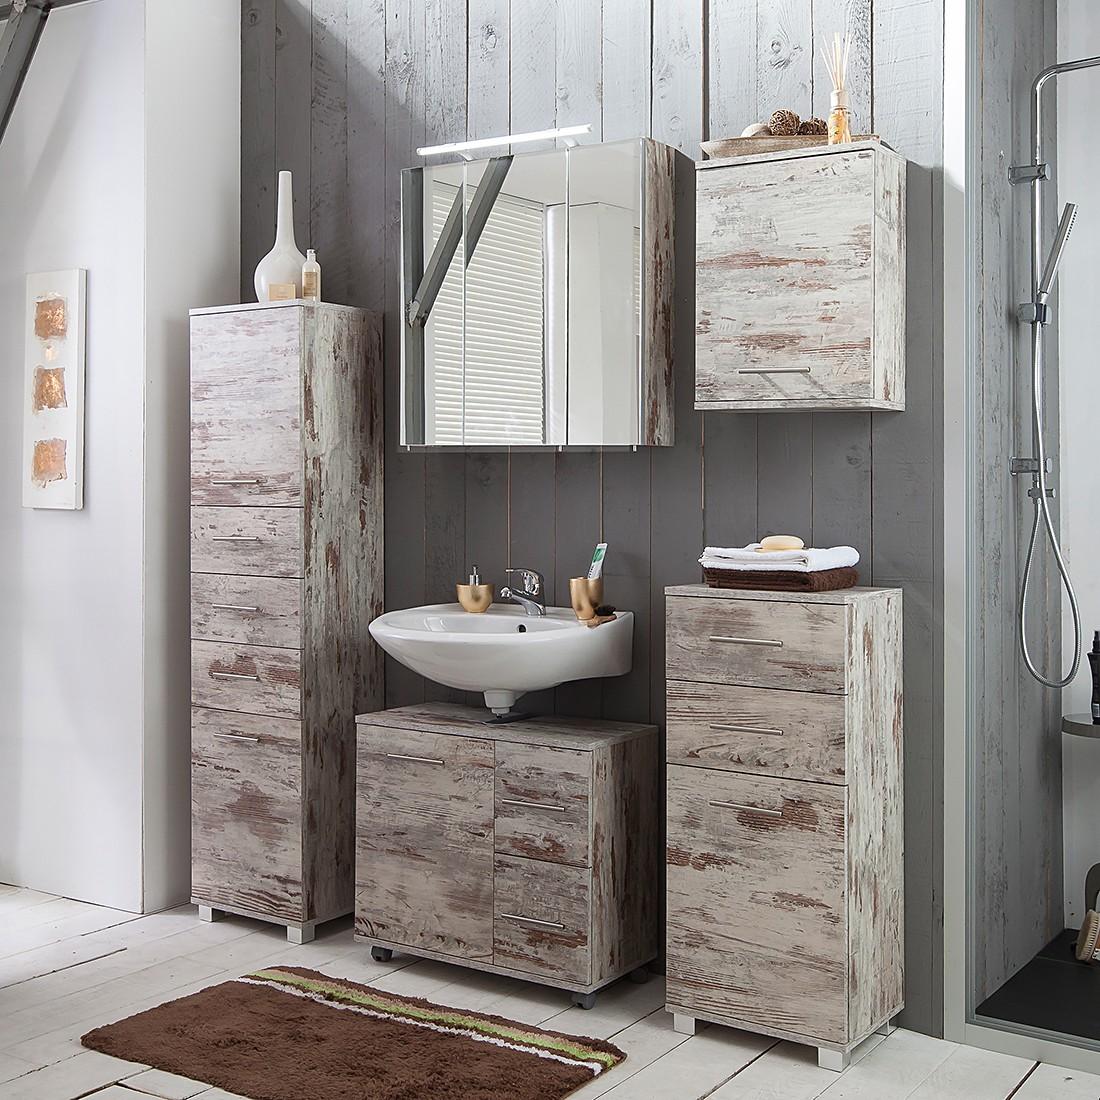 Waschbeckenunterschrank Von Giessbach Bei Home24 Bestellen Home24